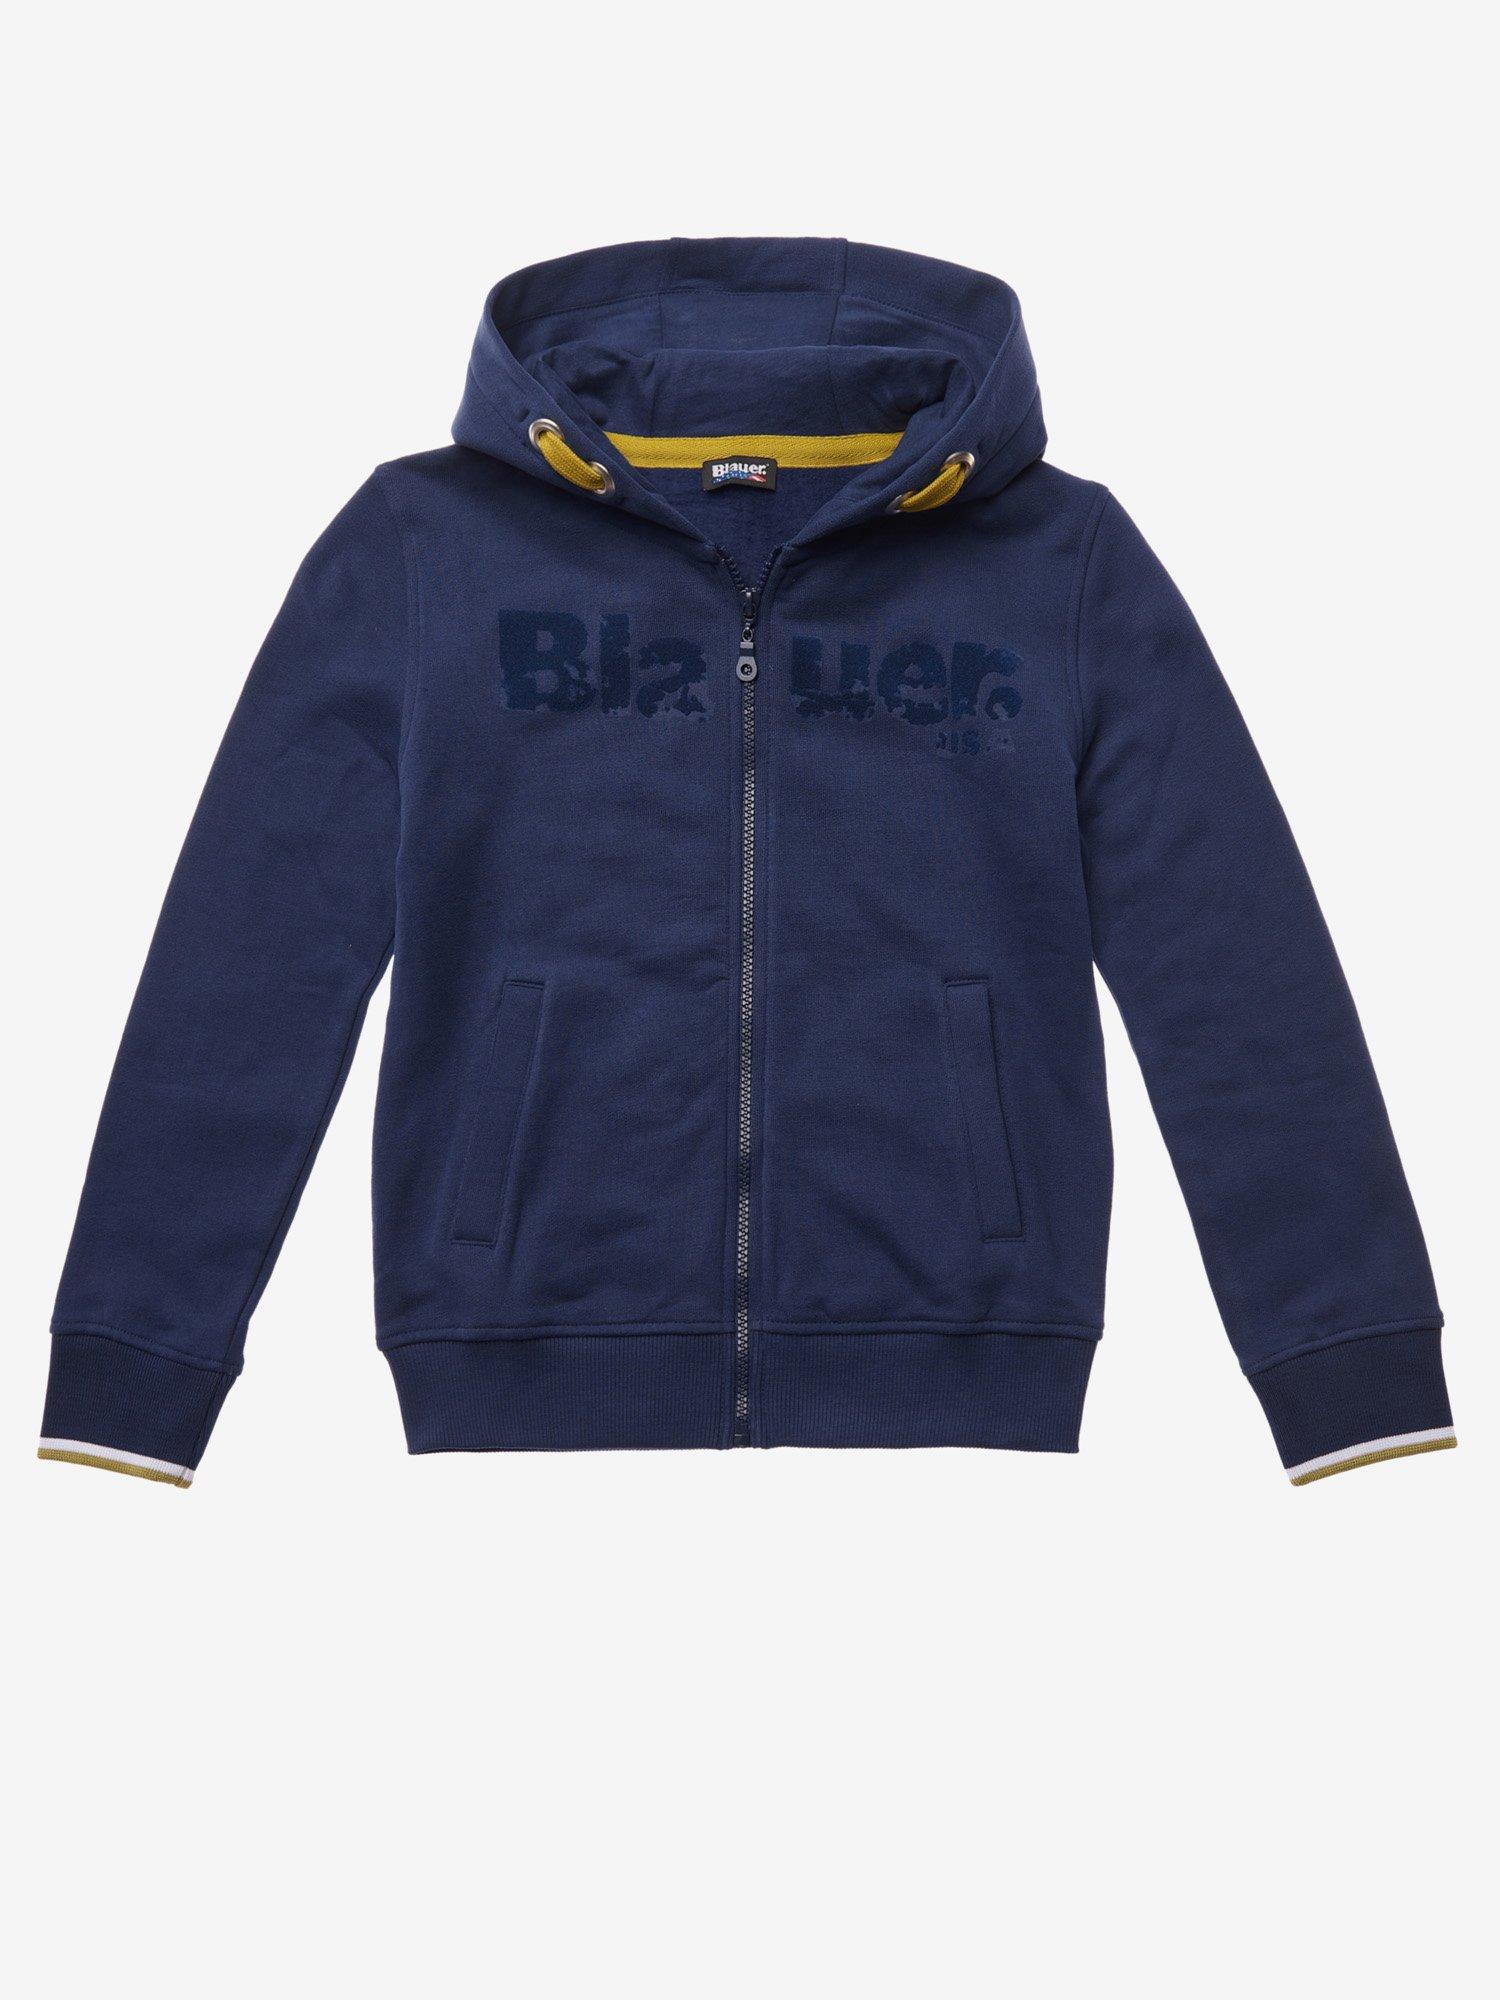 Blauer - SWEATSHIRT AUS BAUMWOLLE MIT KAPUZE JUNIOR - Blu Ionio - Blauer